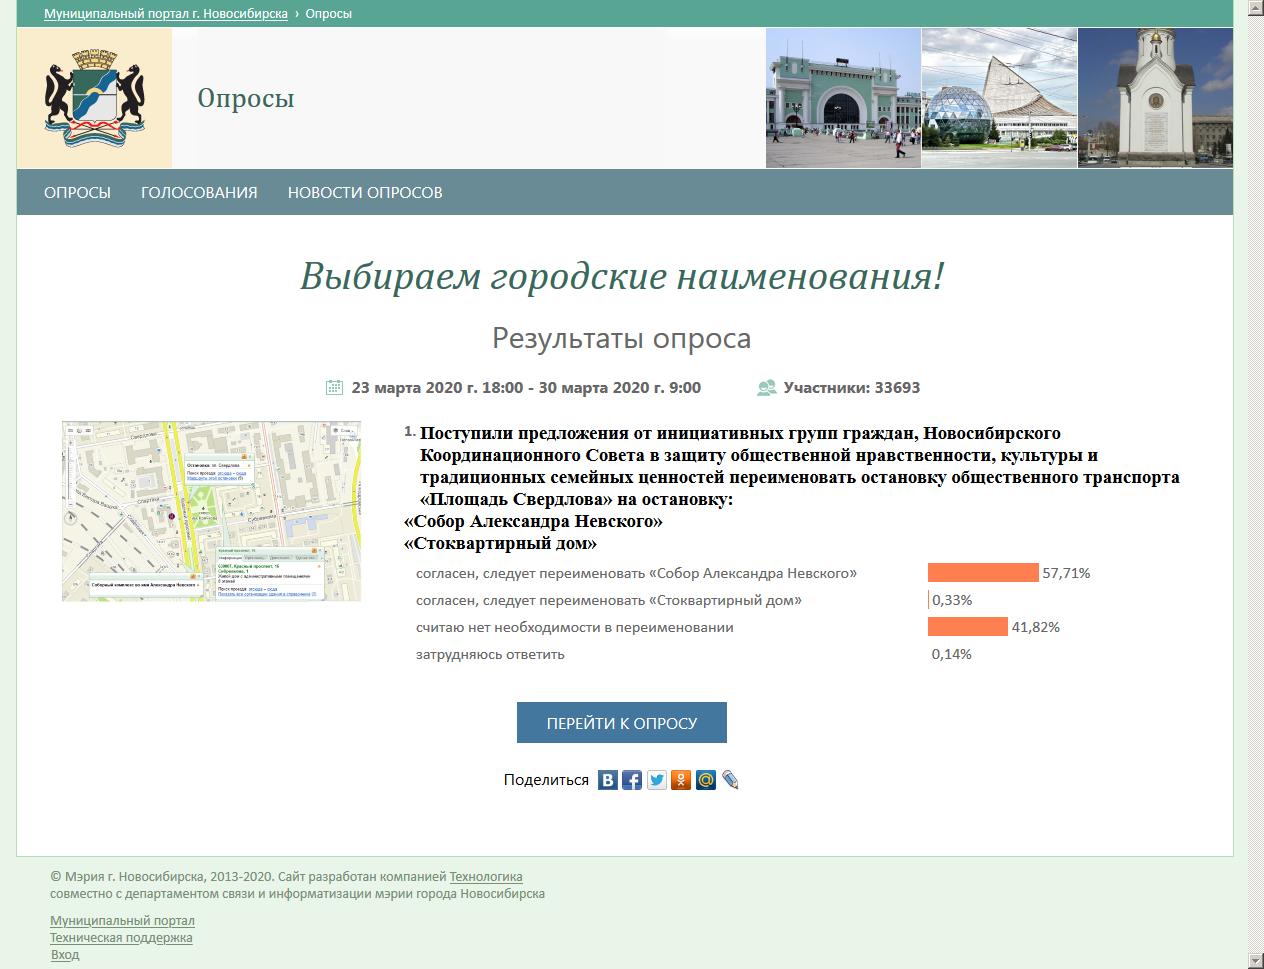 FS-20200329_11-59-n2359-Домашняя - Опросы-poll.novo-sibirsk.ru